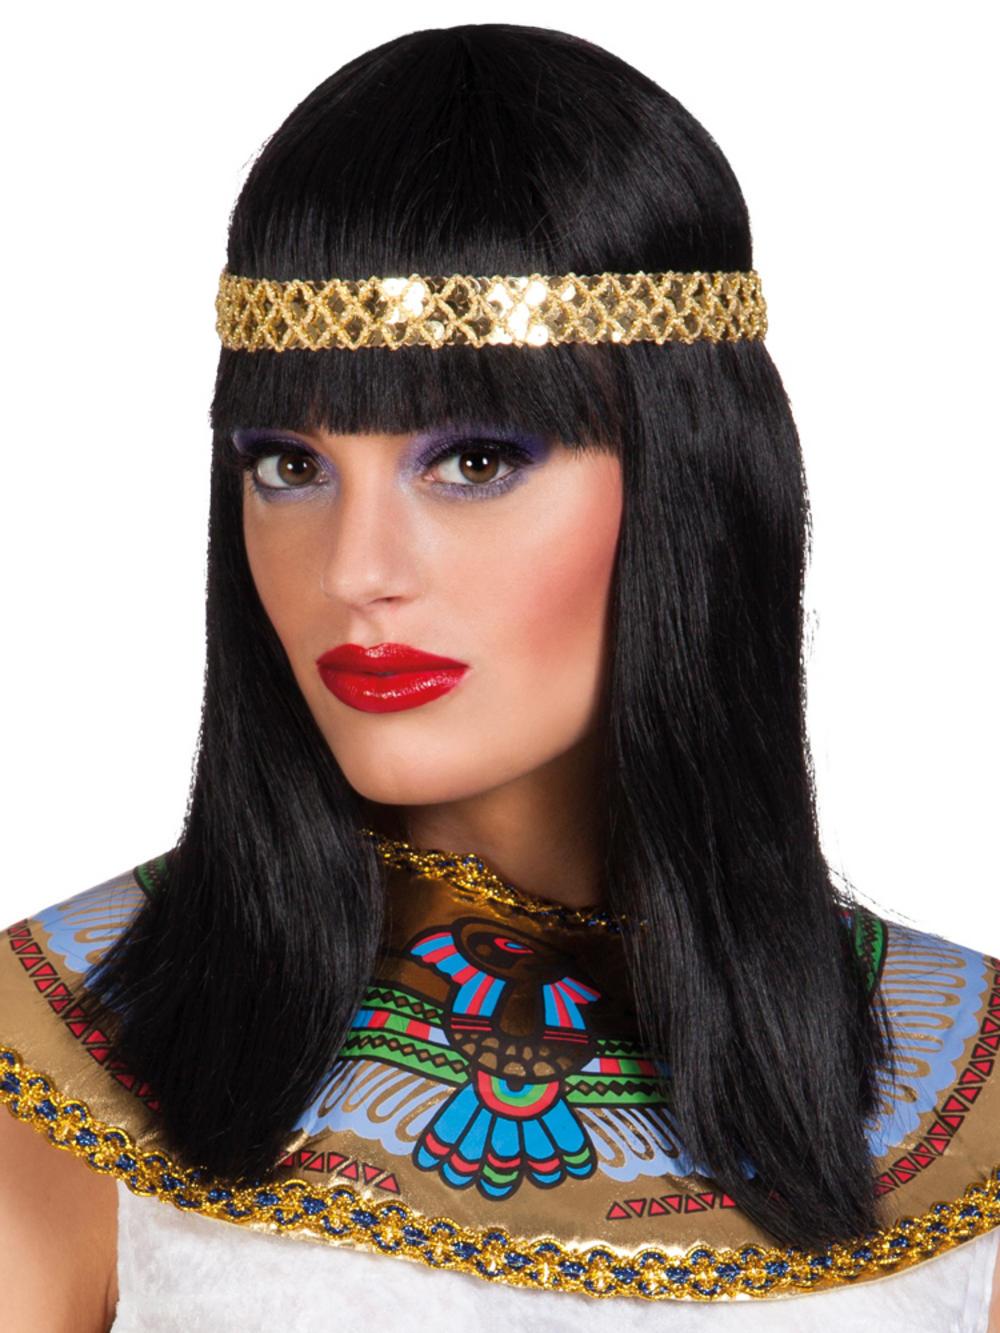 Black Cleopatra Wig with Headband